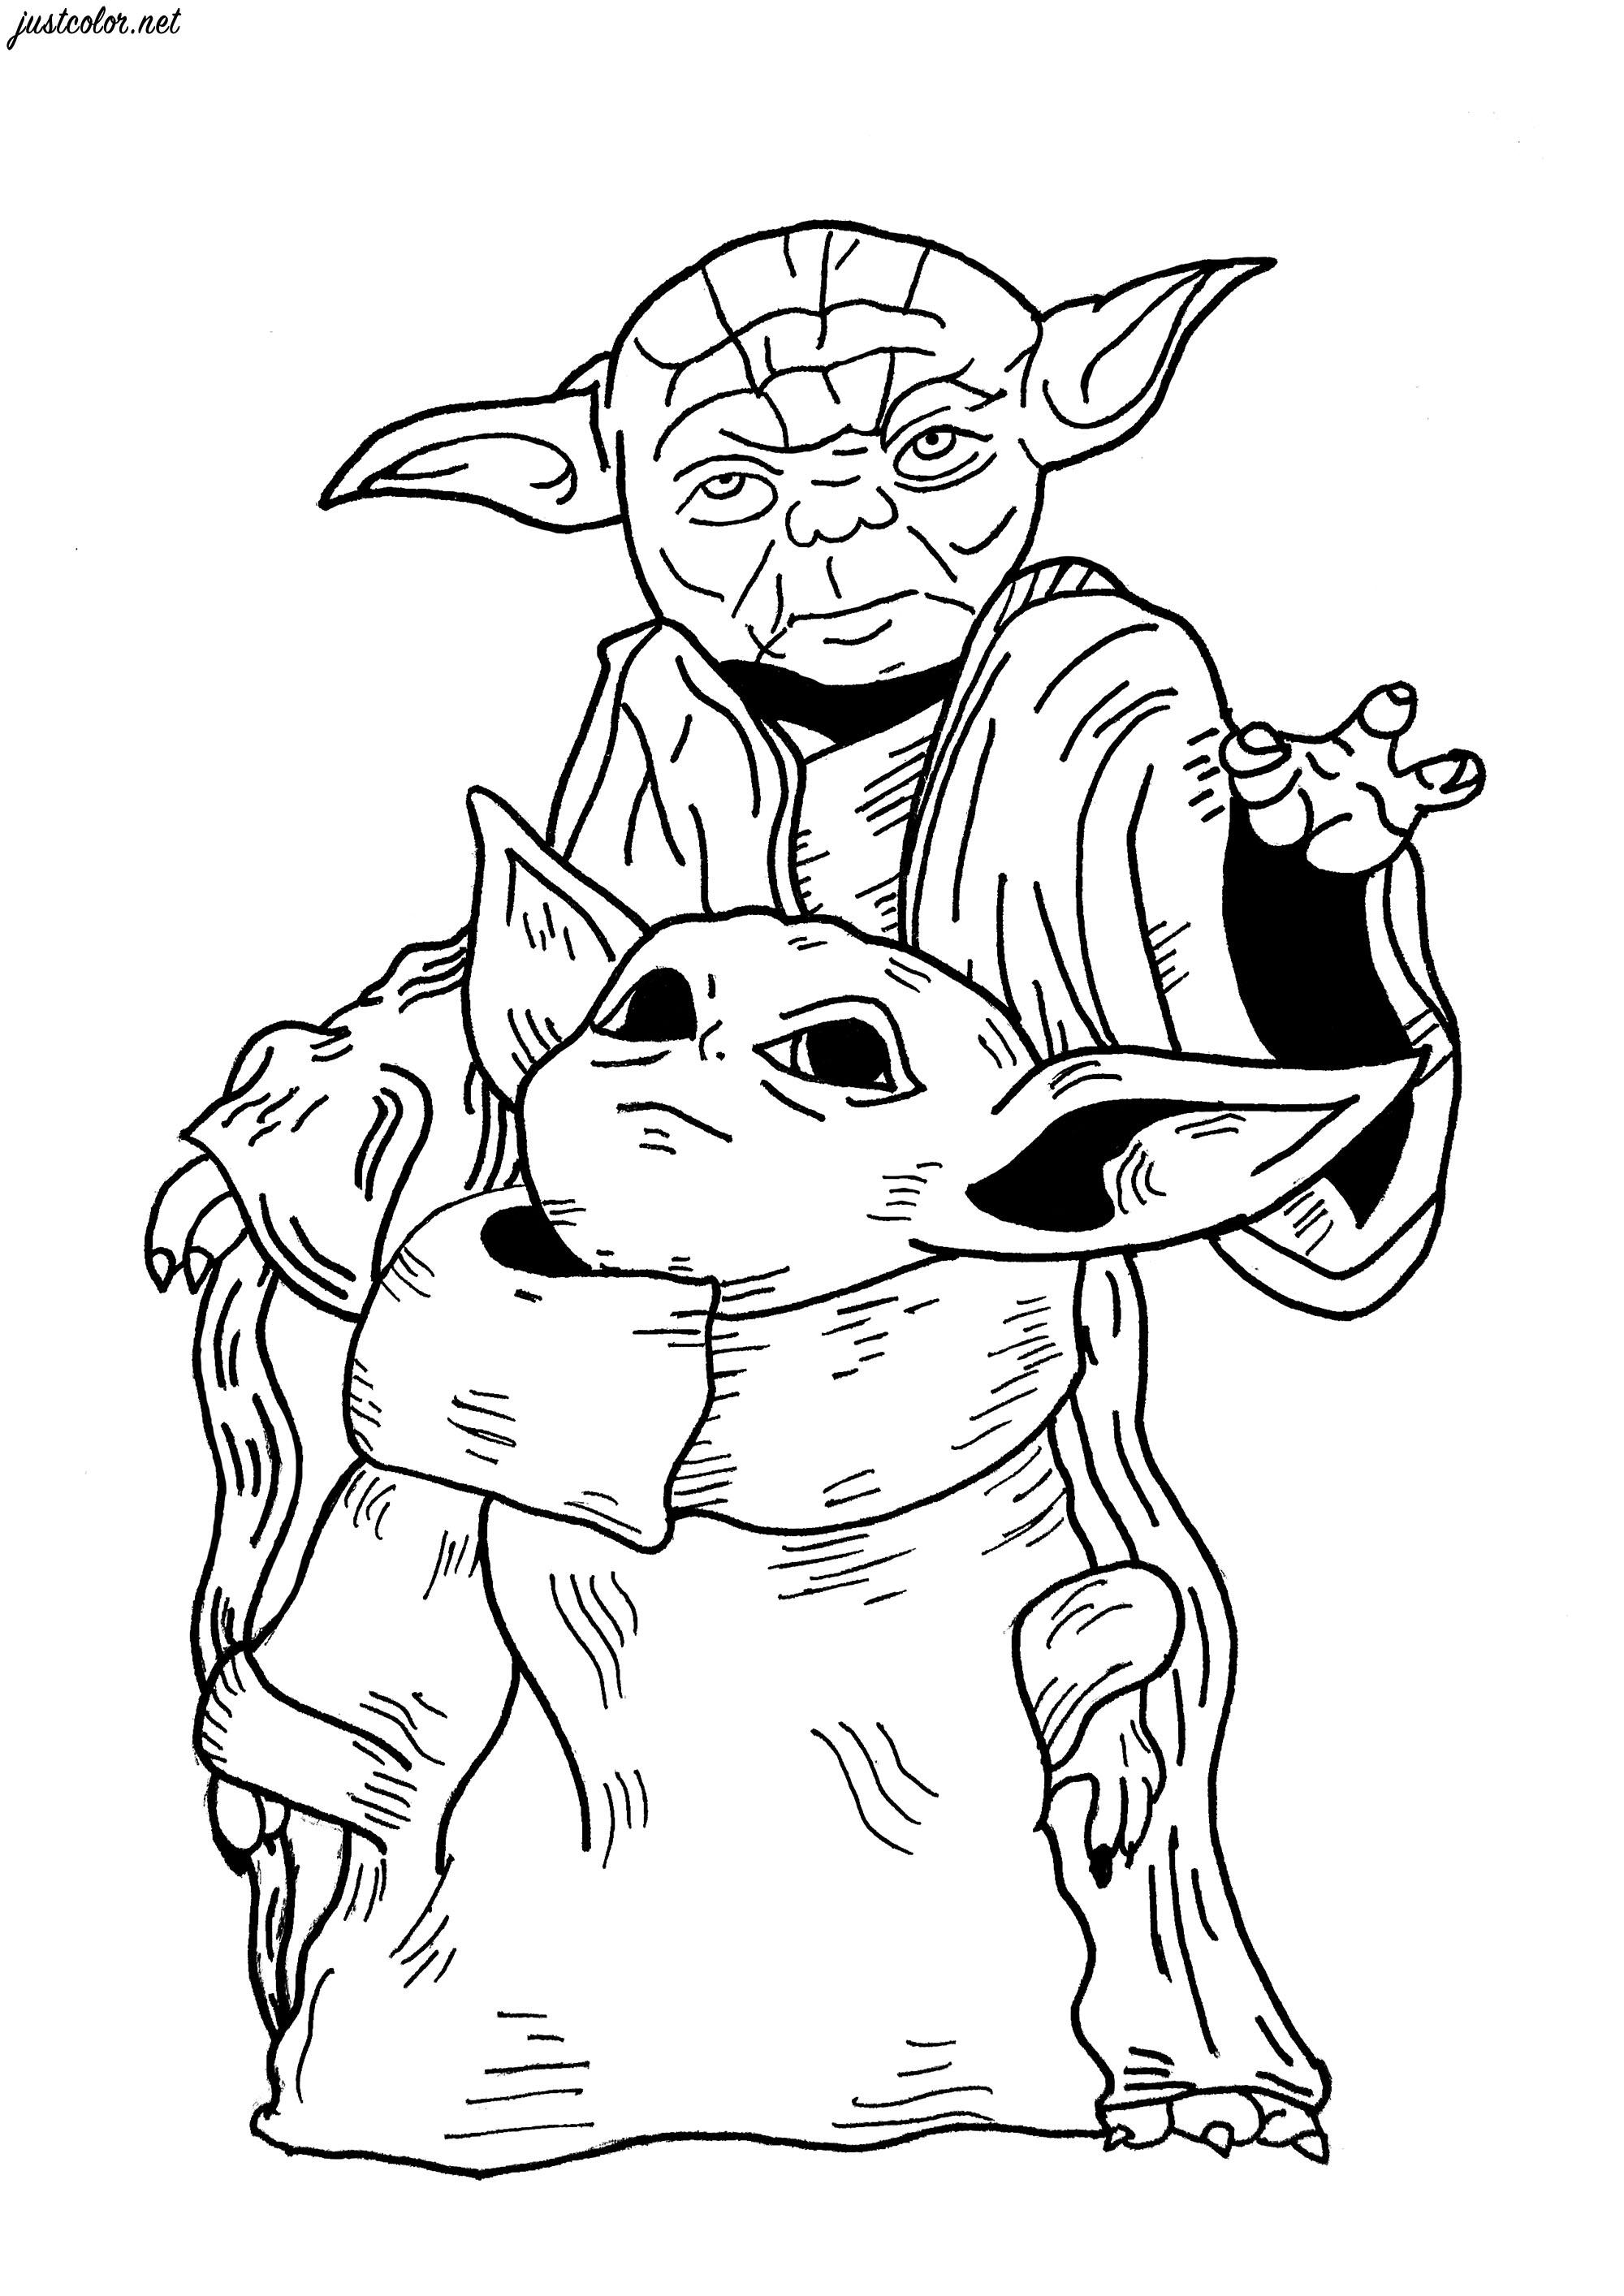 Un coloriage 'fan-art' original inspiré des personnages de 'Bébé Yoda' (série Star Wars The Mandalorian), et le célèbre Yoda